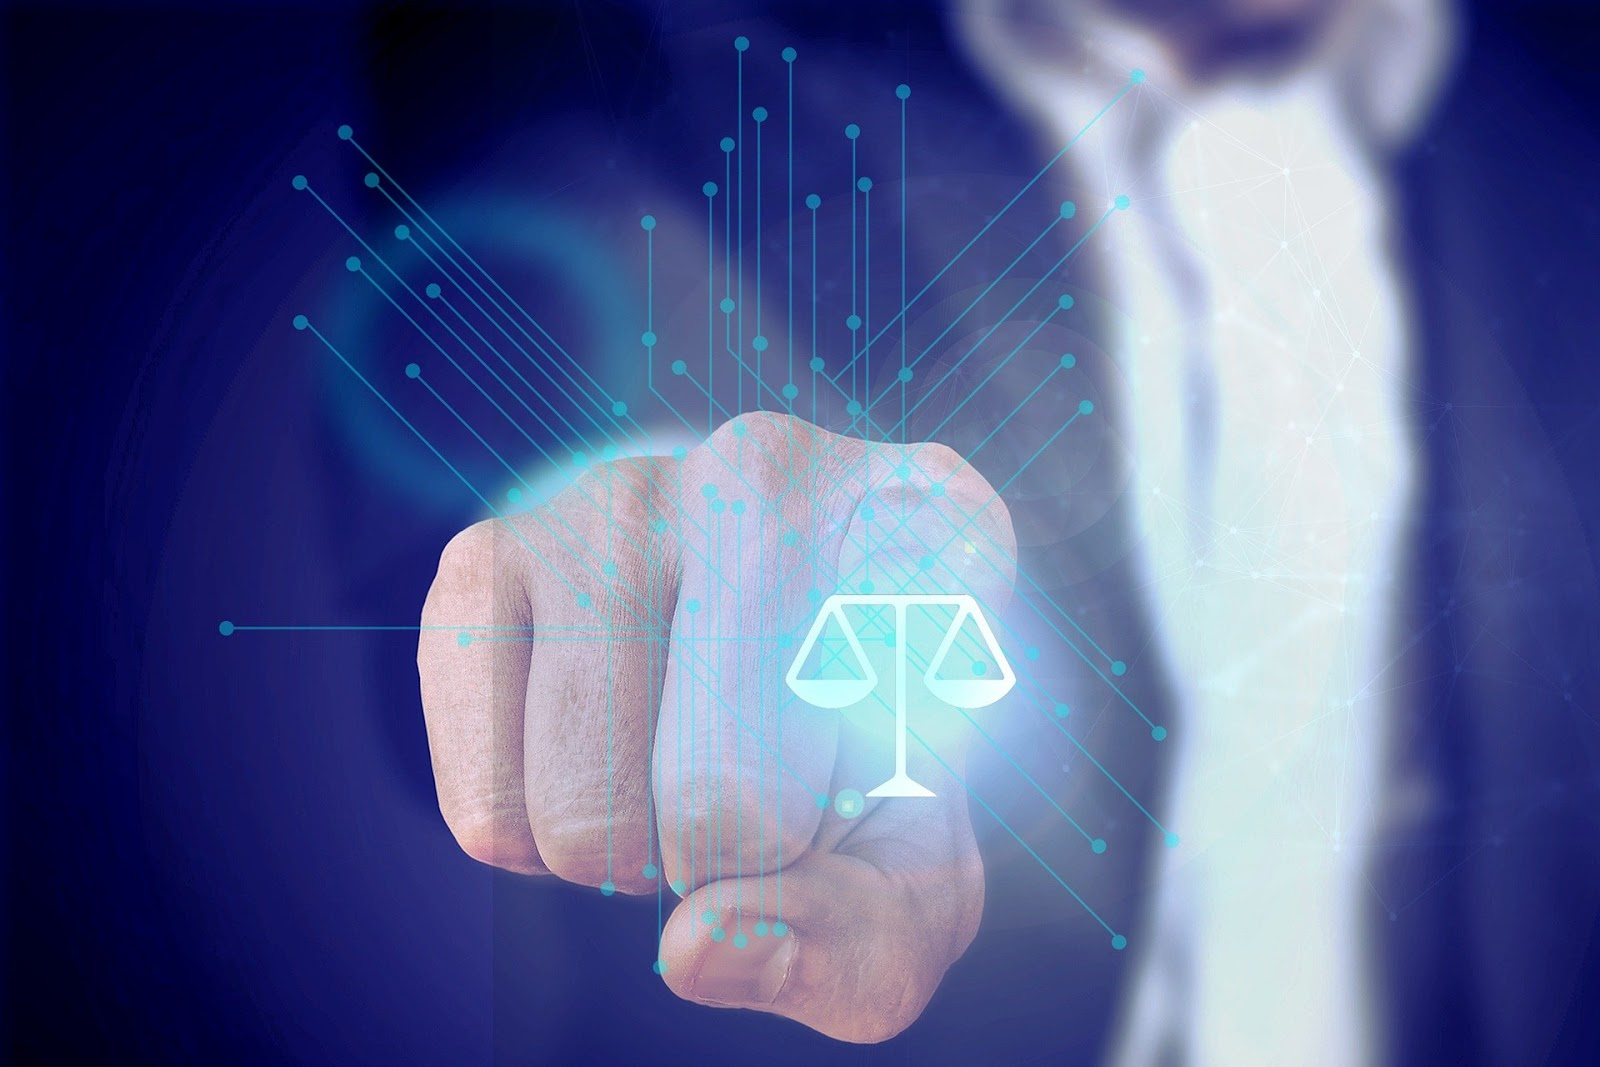 La facturation électronique en B2B (entre professionnels) devient obligatoire à partir de 2023.